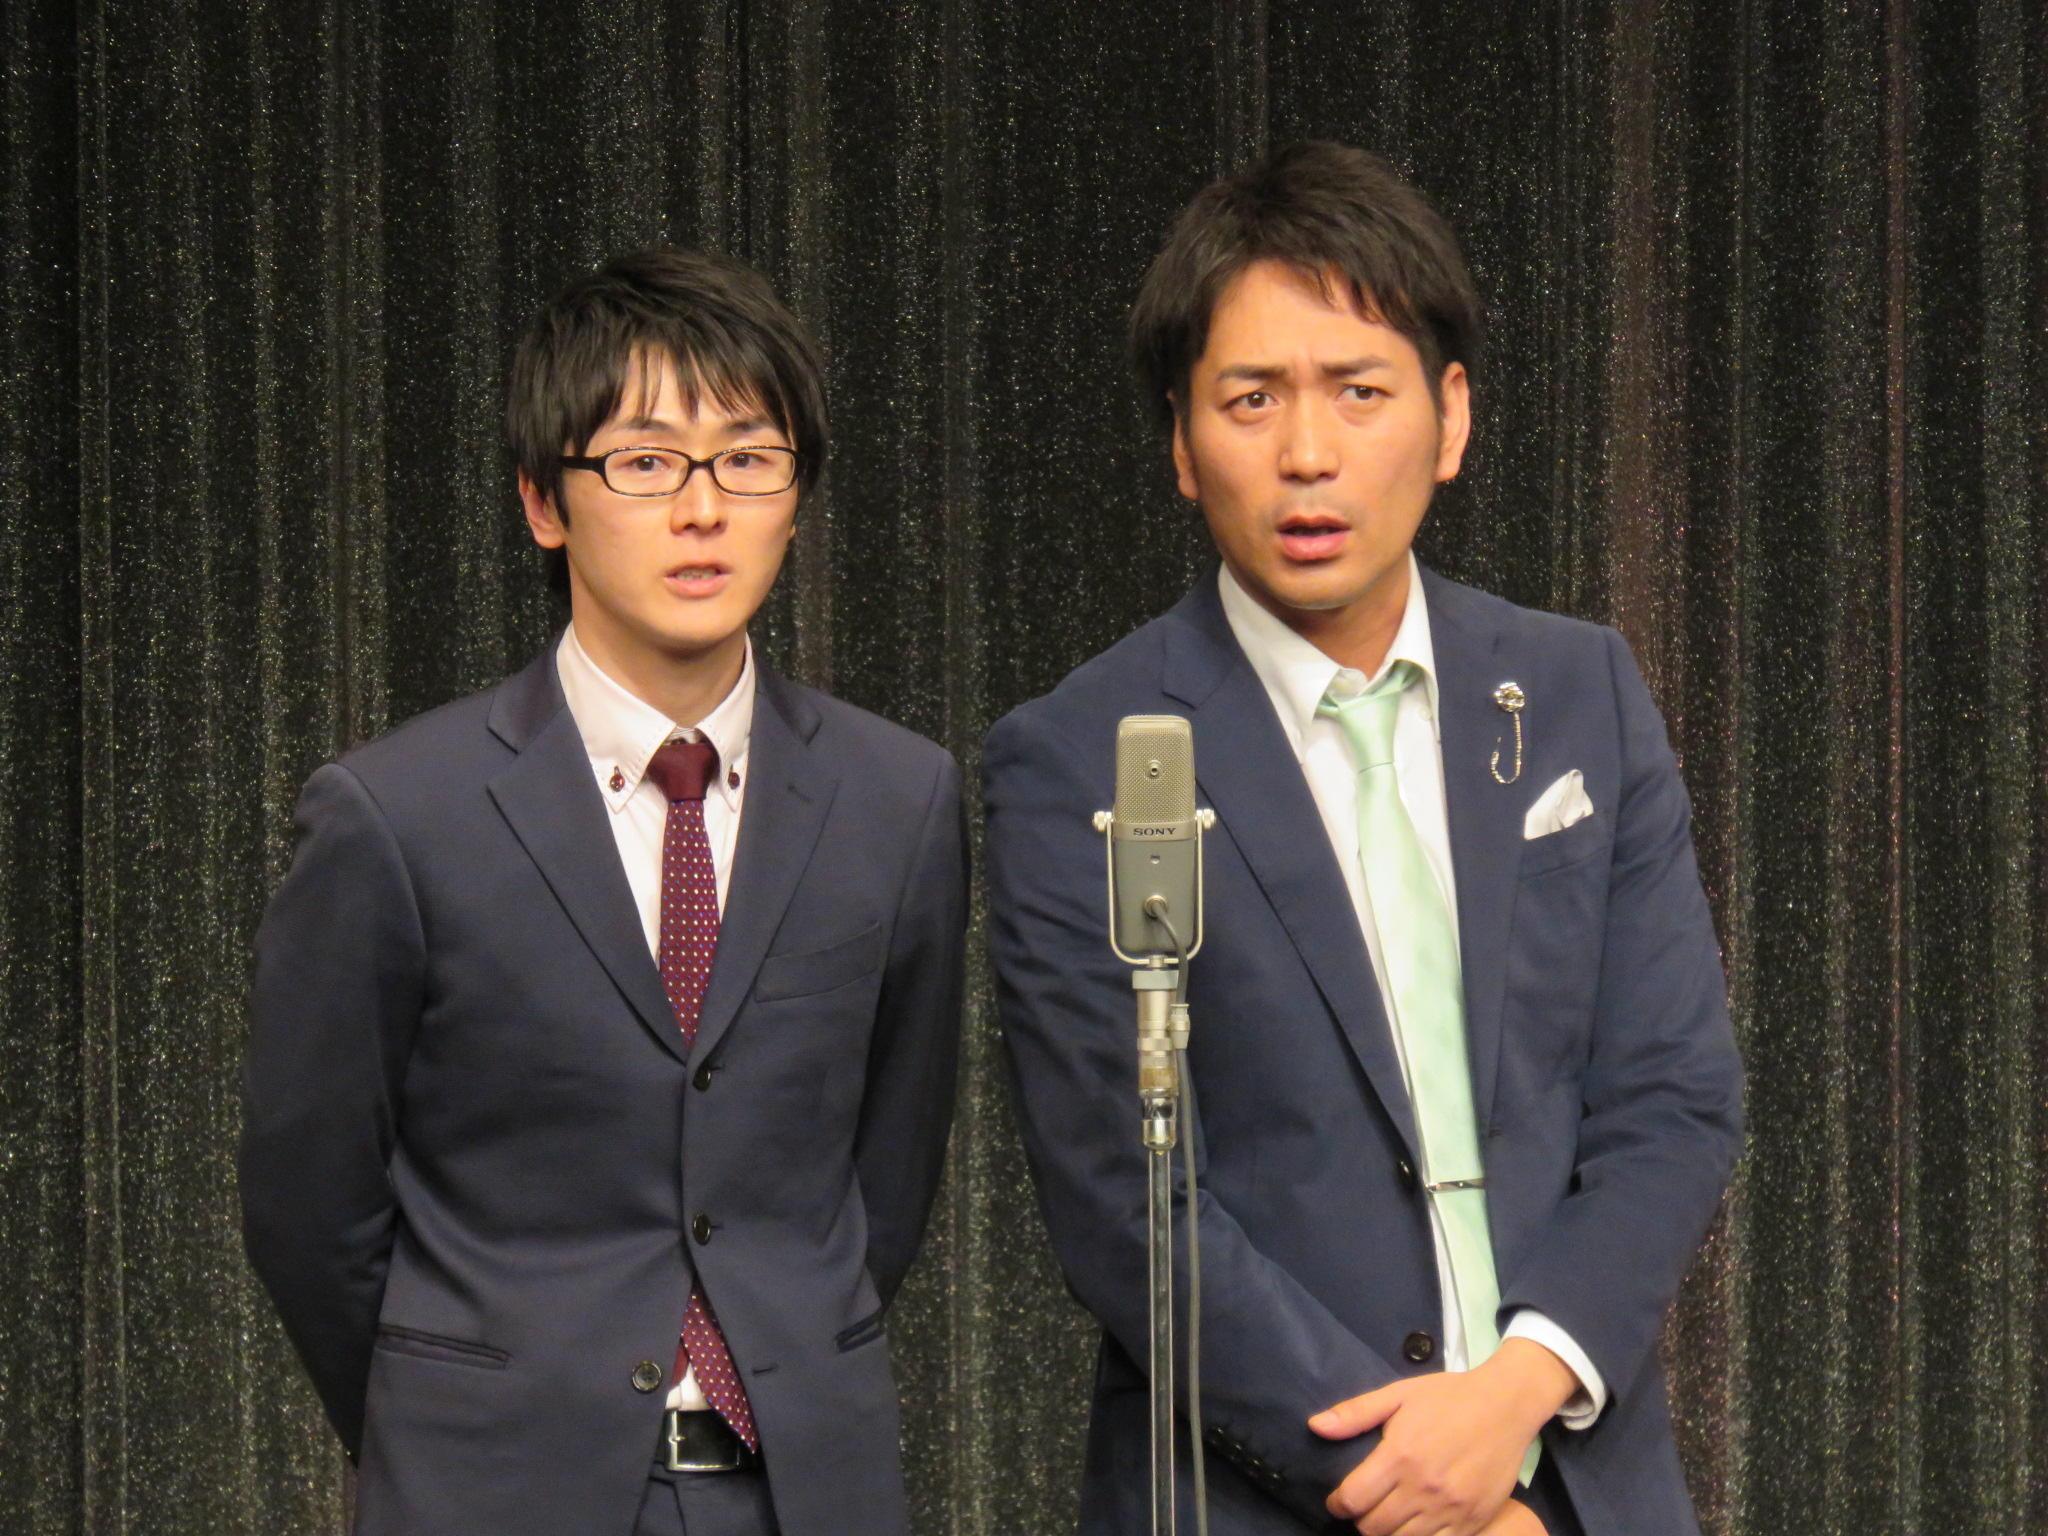 http://news.yoshimoto.co.jp/20151230170358-a2dc3cfb5f8d9c3ba6343ba7e6720c94f4c05883.jpg